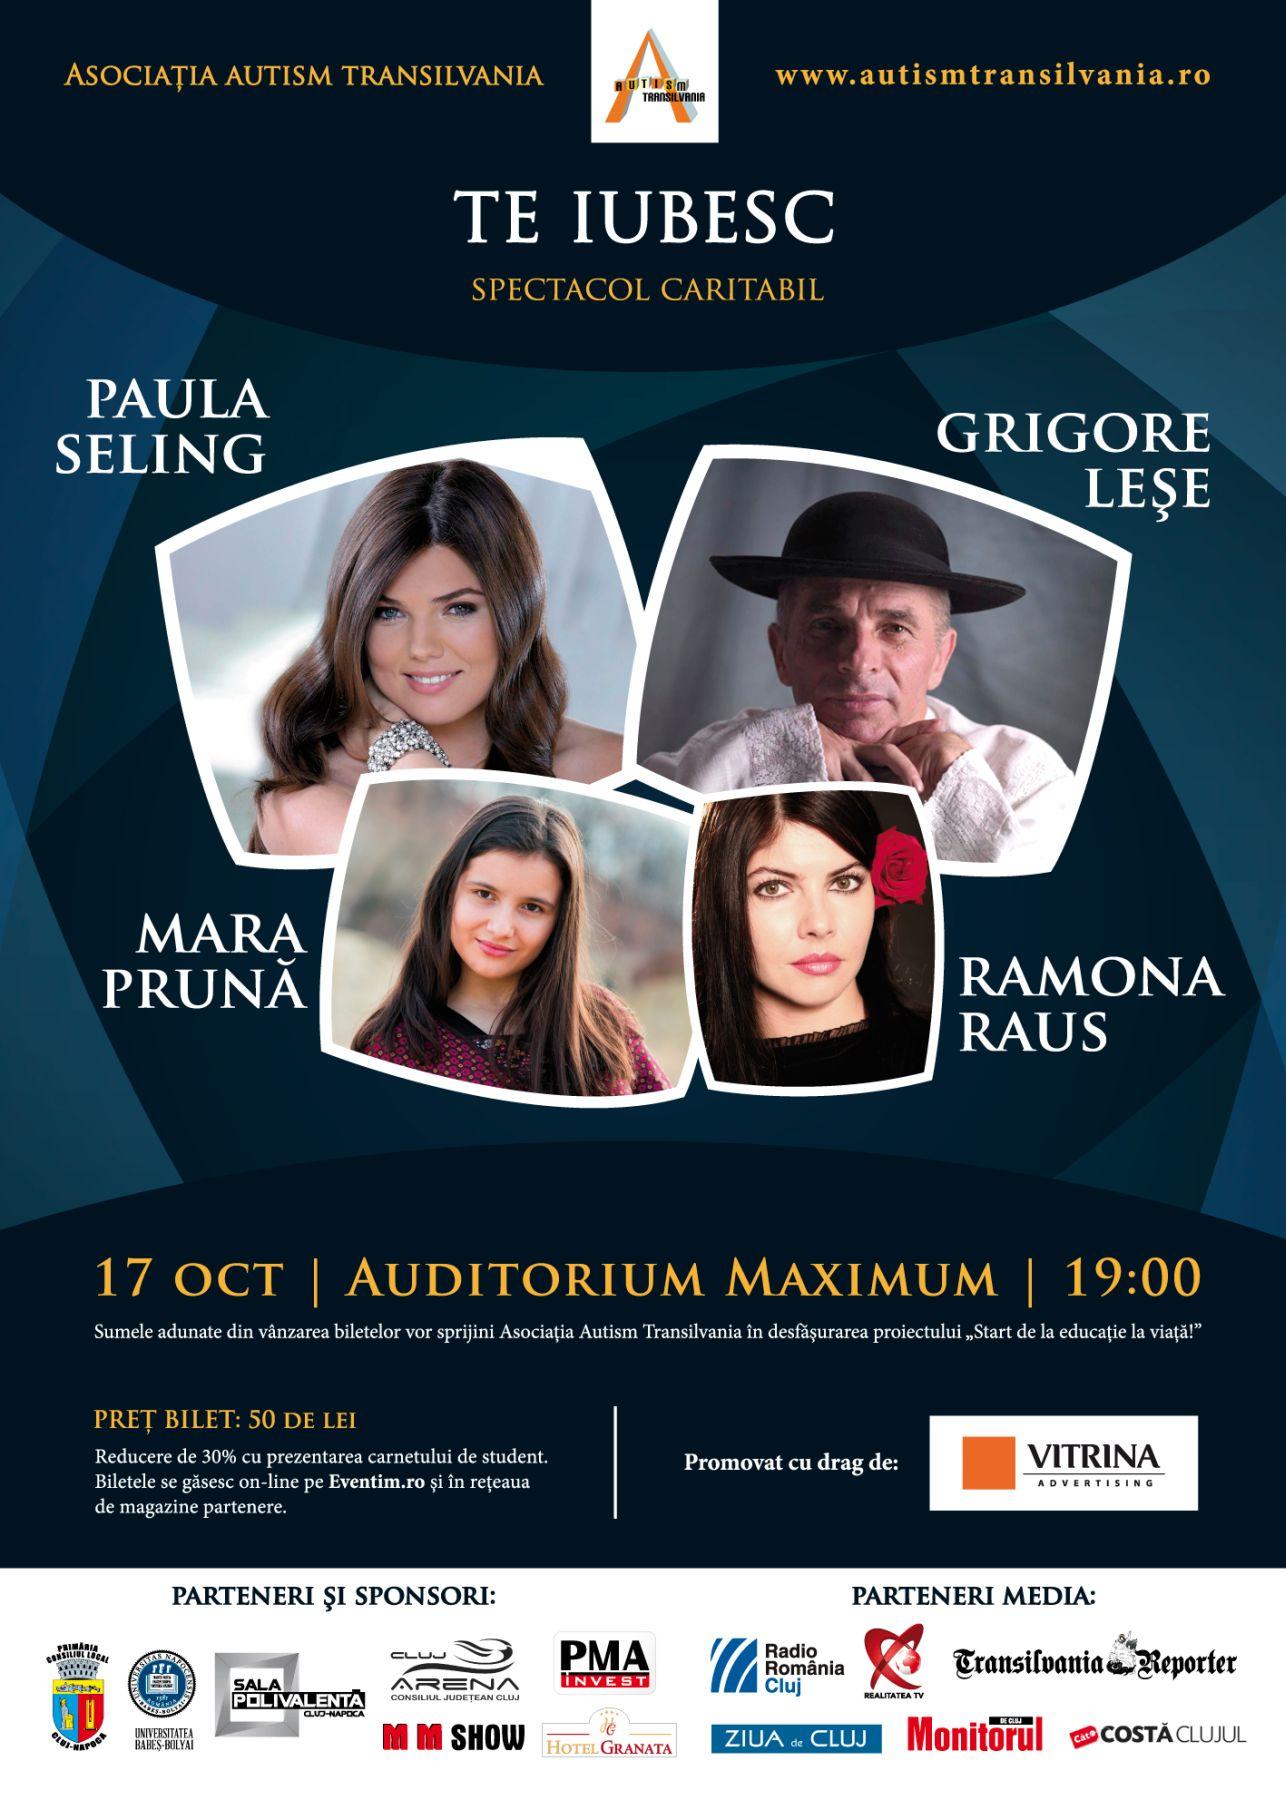 Spectacol Caritabil @ Auditorium Maximum